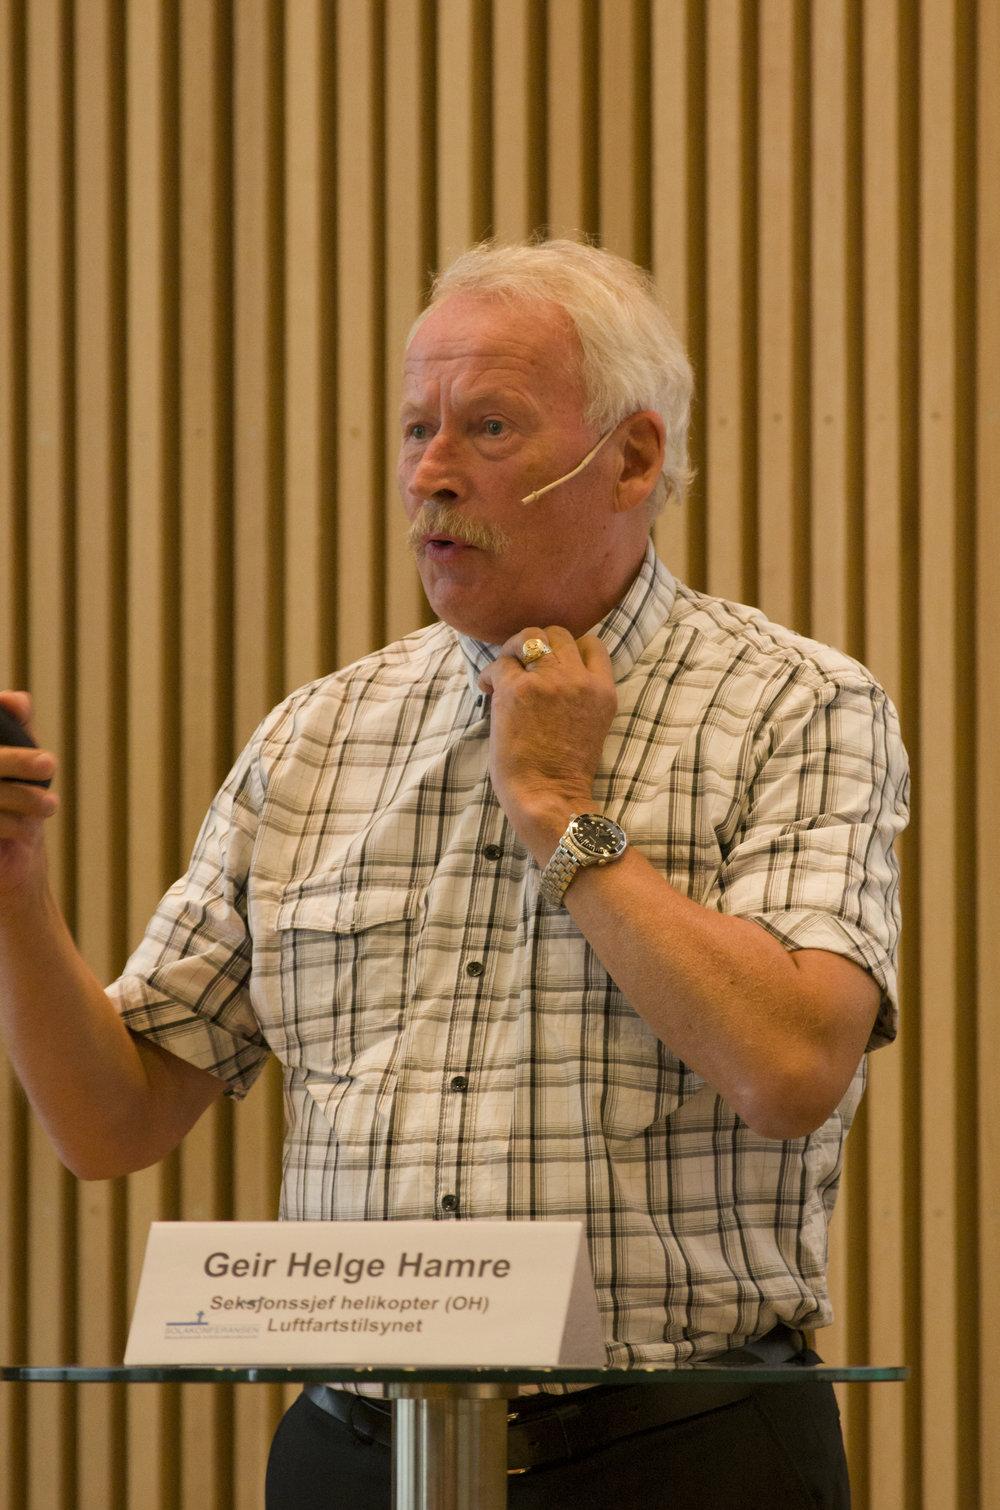 Geir Helge Hamre (2).JPG